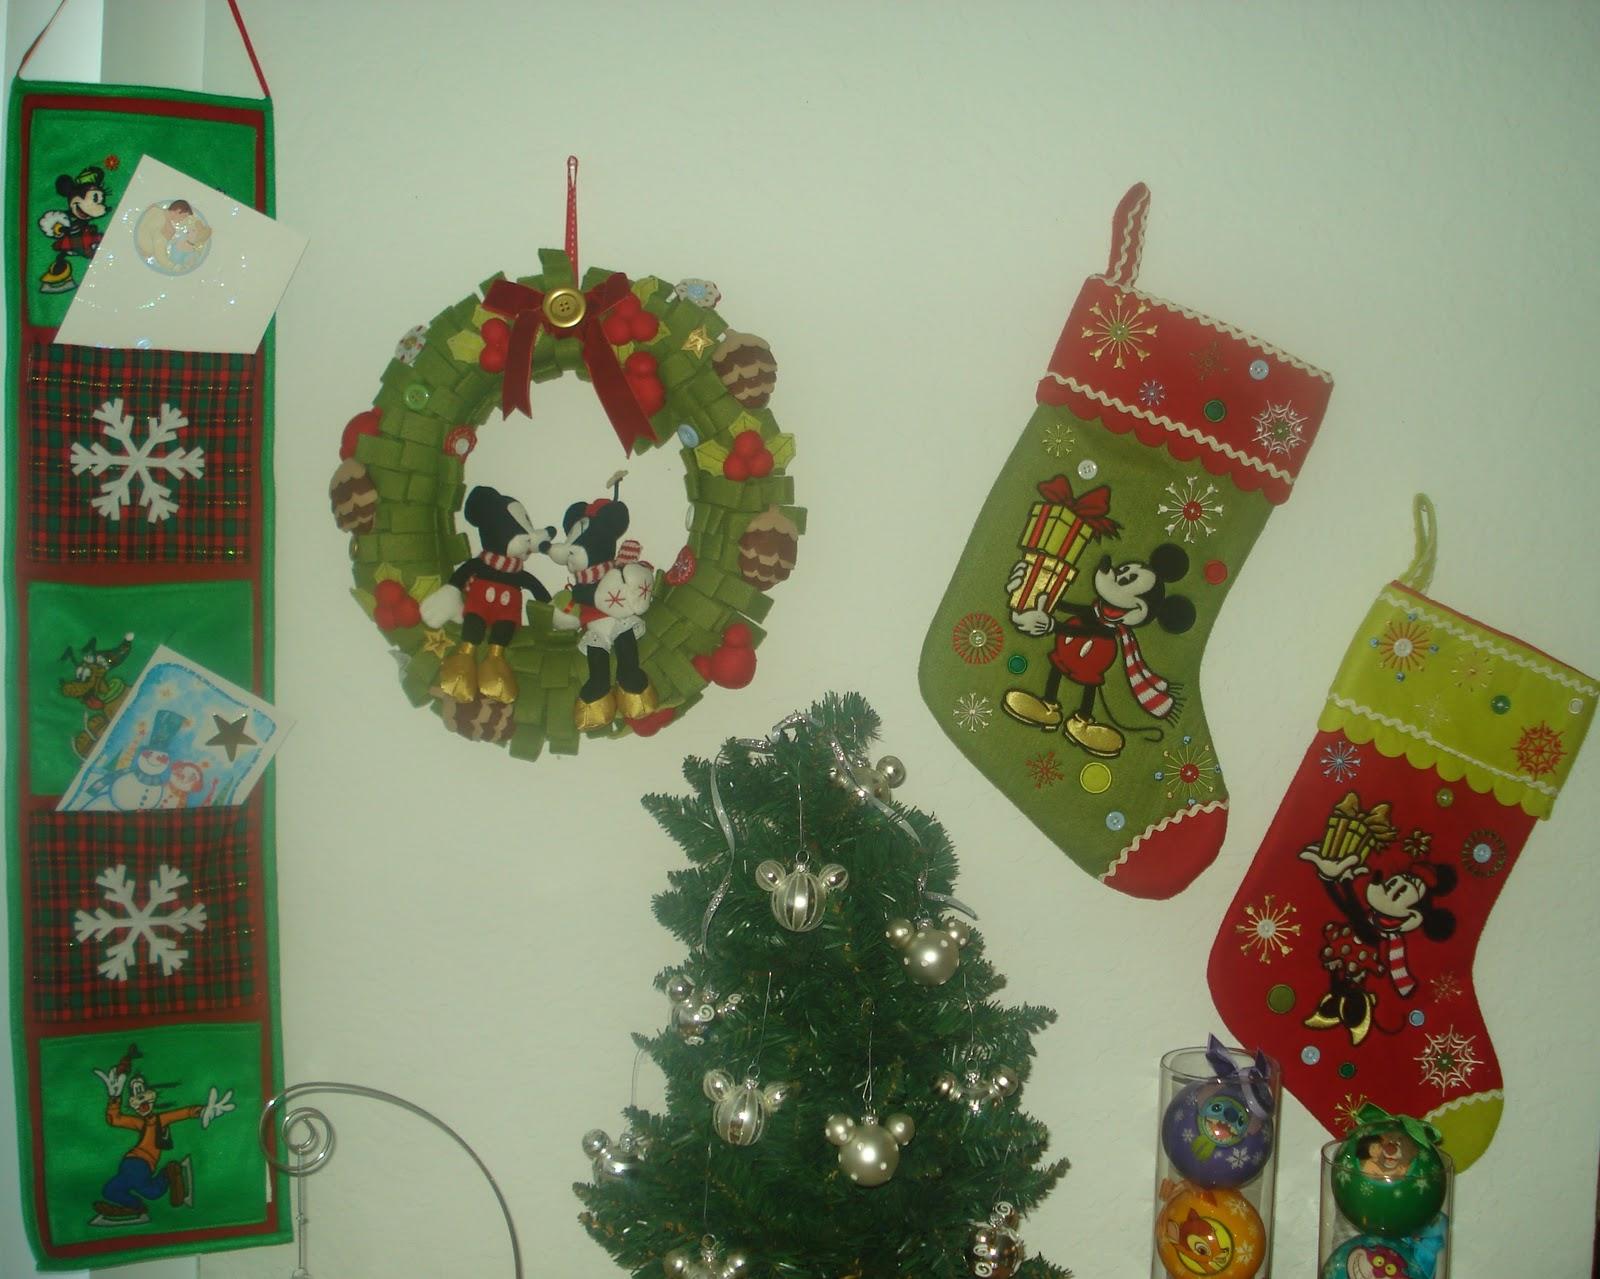 Disney christmas decorations for home - Disney Christmas Decor